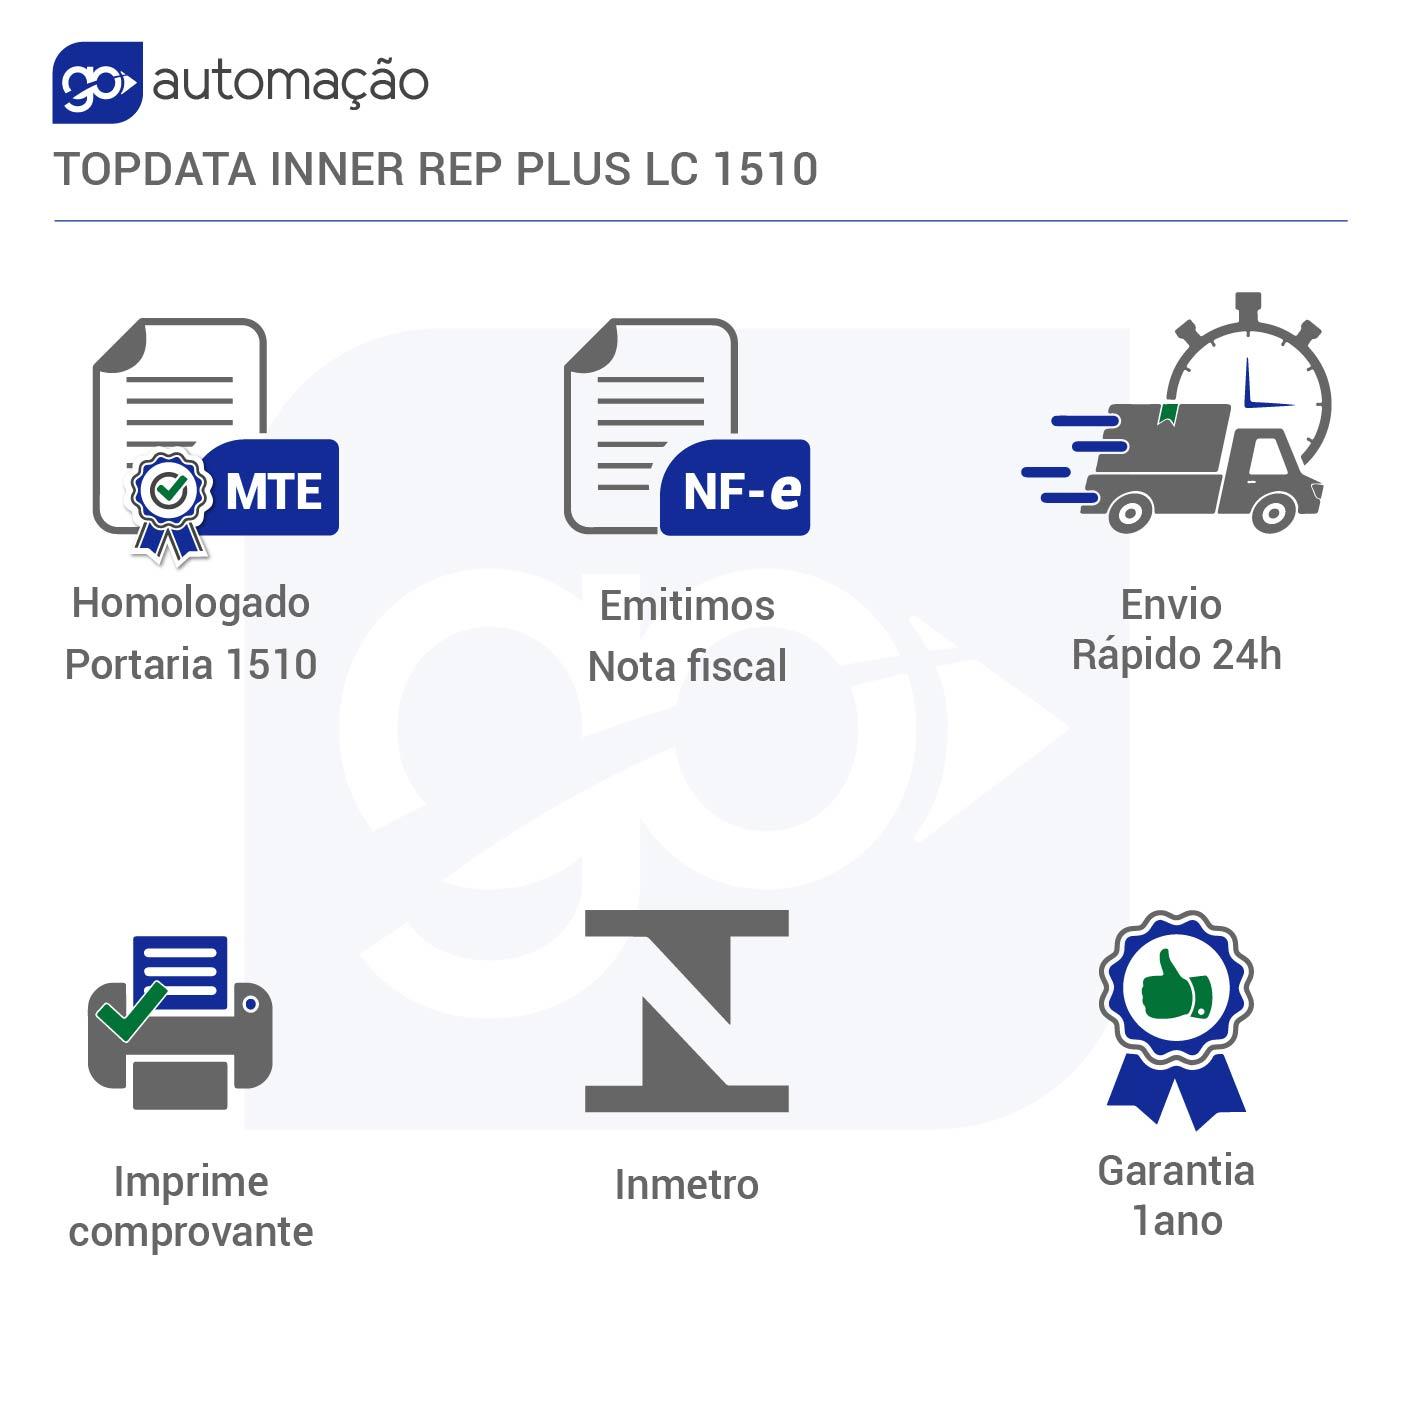 Relógio De Ponto 1510 TOPDATA Inner Rep Plus Lc Bio/Prox  - GO AUTOMAÇÃO